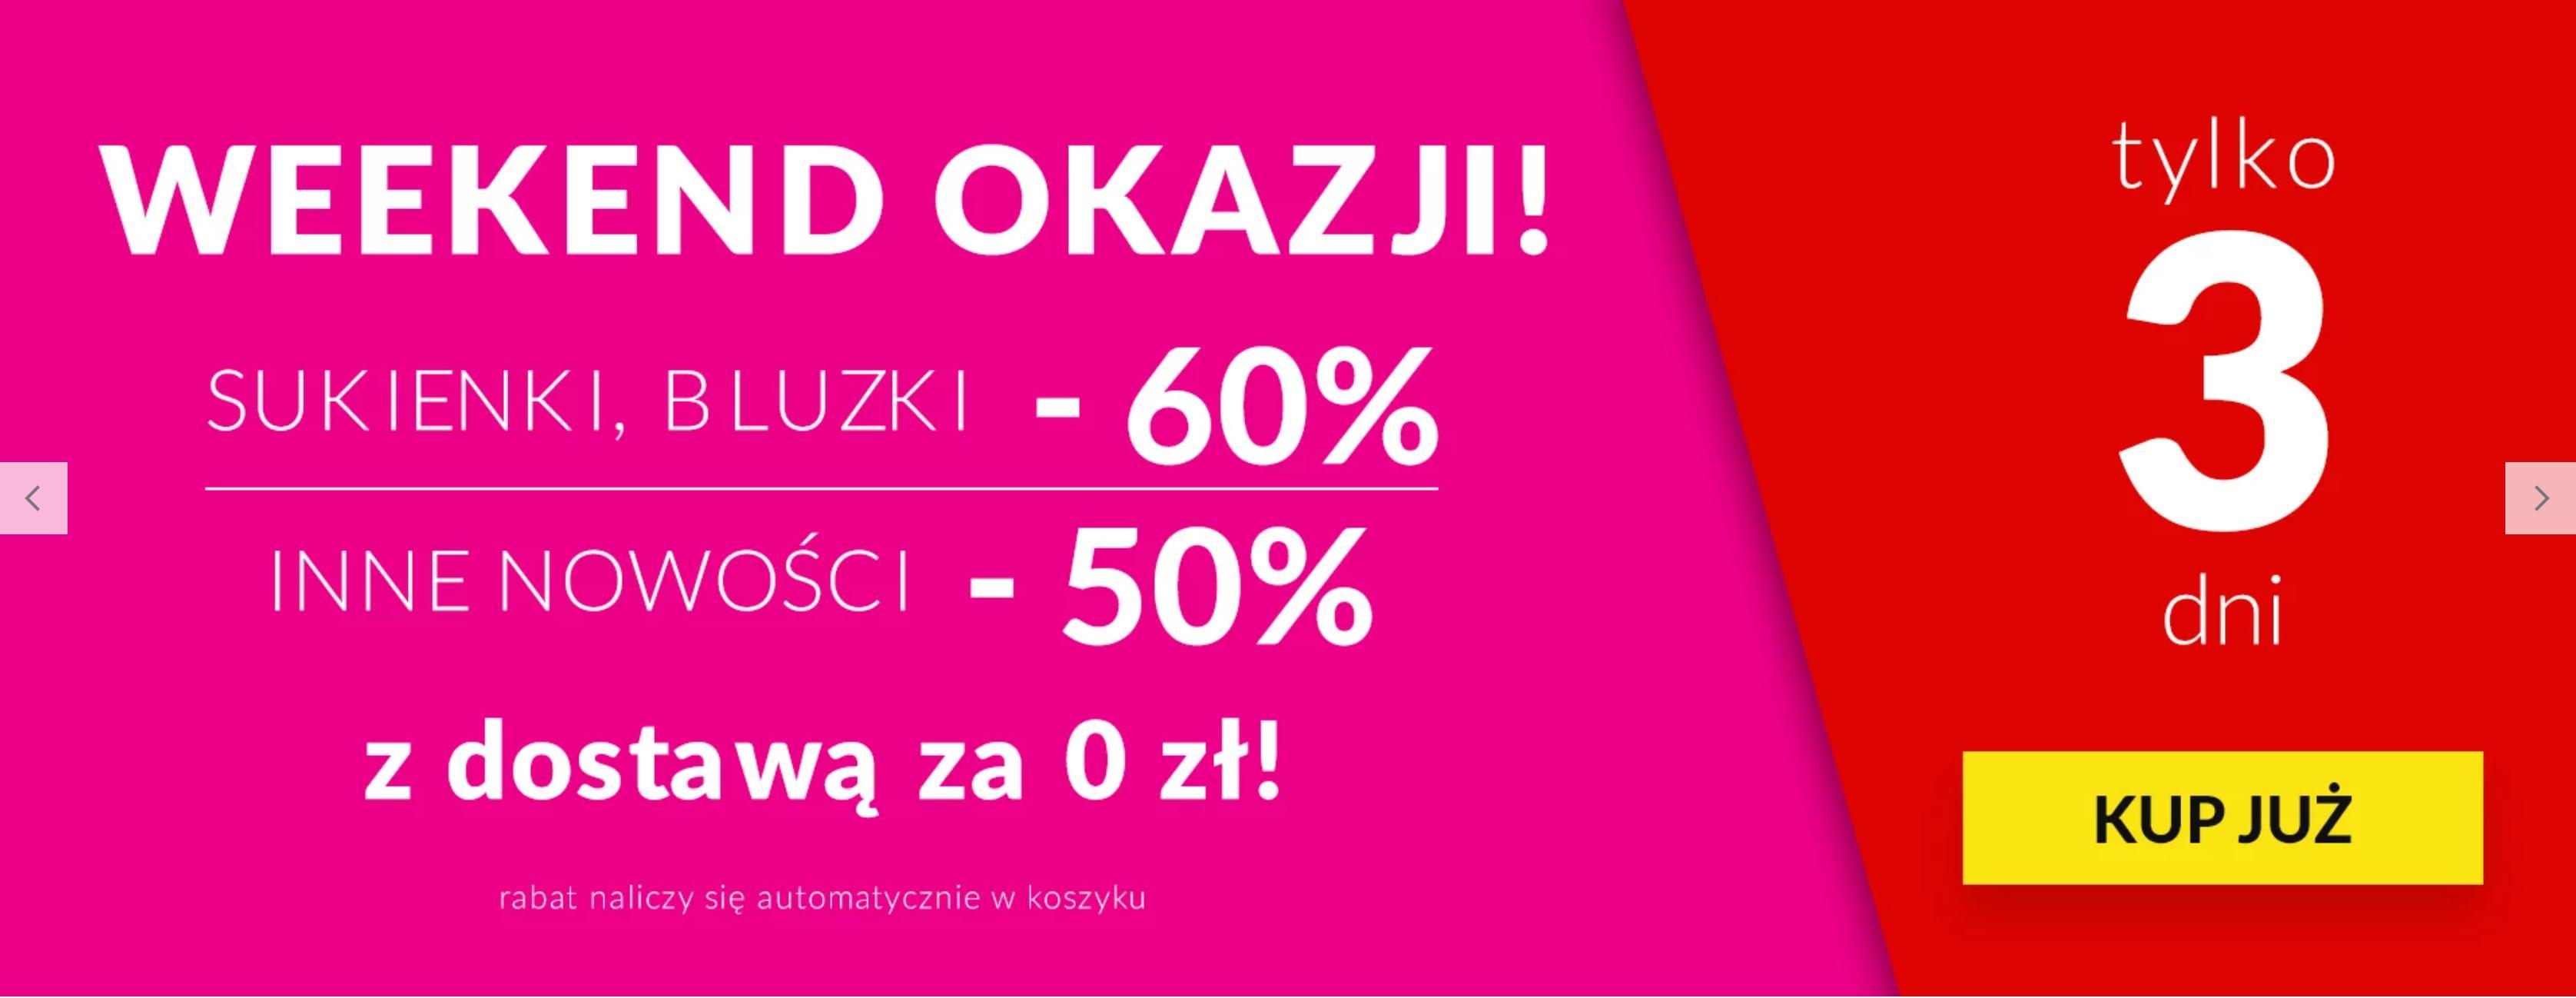 Quiosque Quiosque: Weekend Okazji 60% zniżki na sukienki i bluzki oraz 50% zniżki na inne nowości